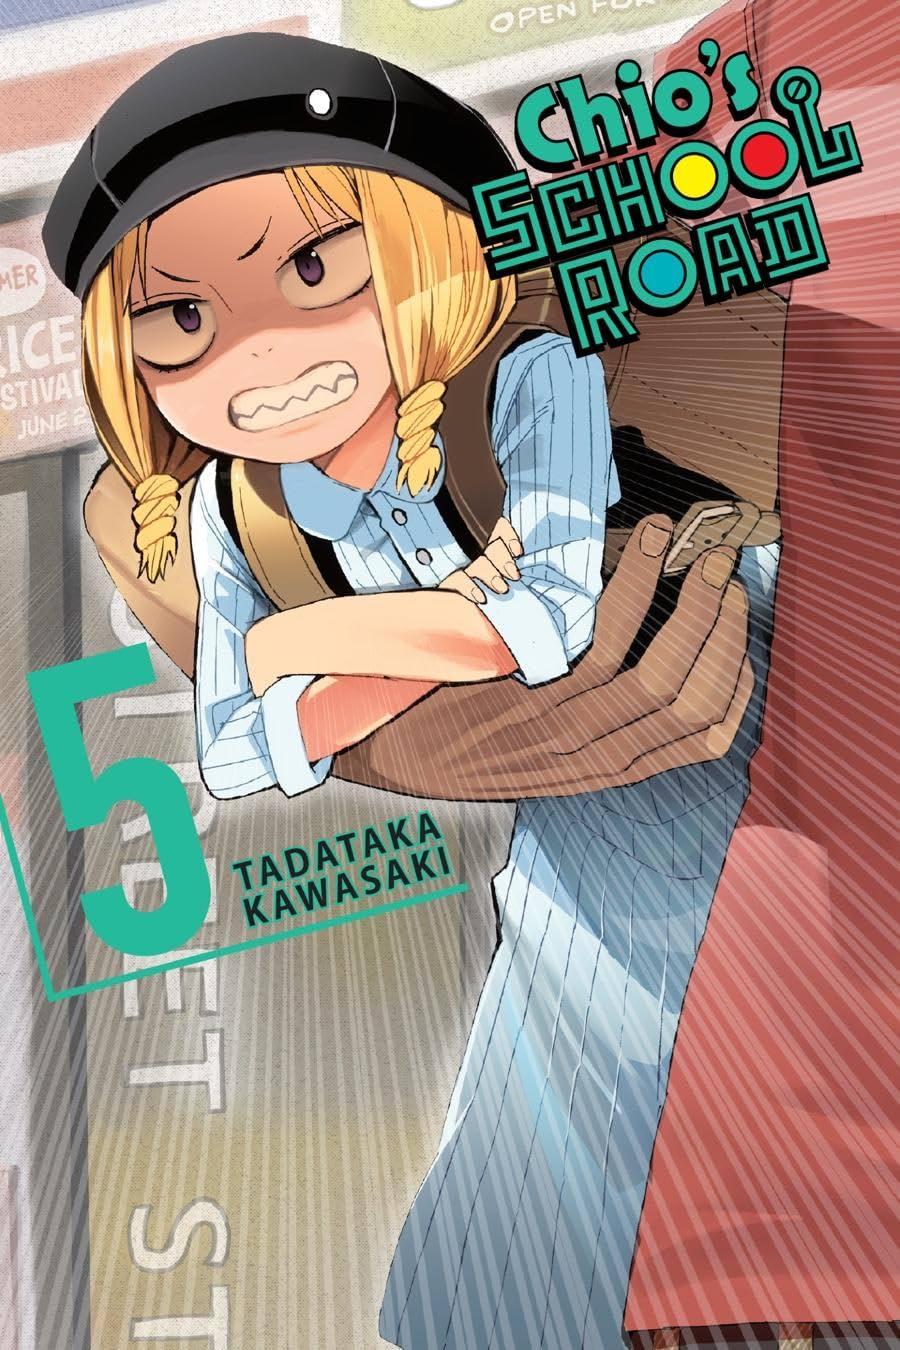 Chio's School Road Vol. 5